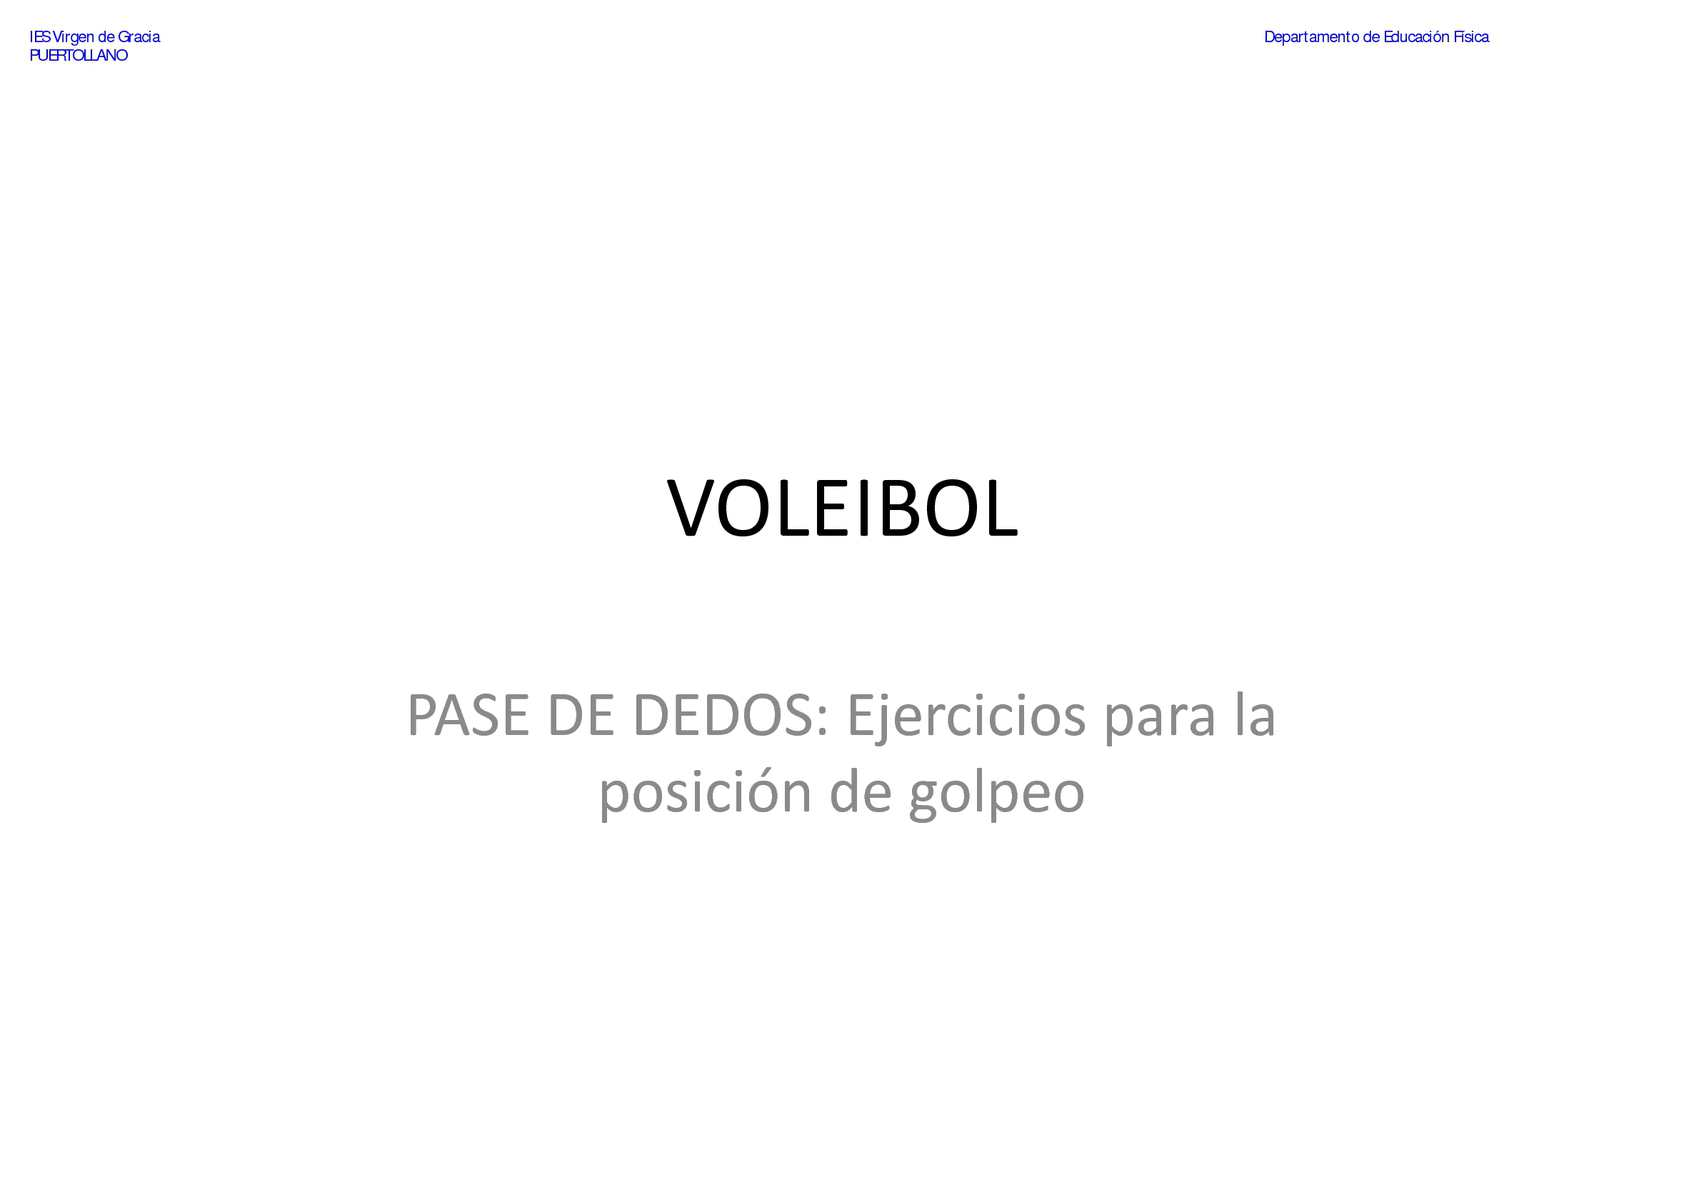 VOLEIBOL - Pase de Dedos - Ejercicios para la posición de golpeo